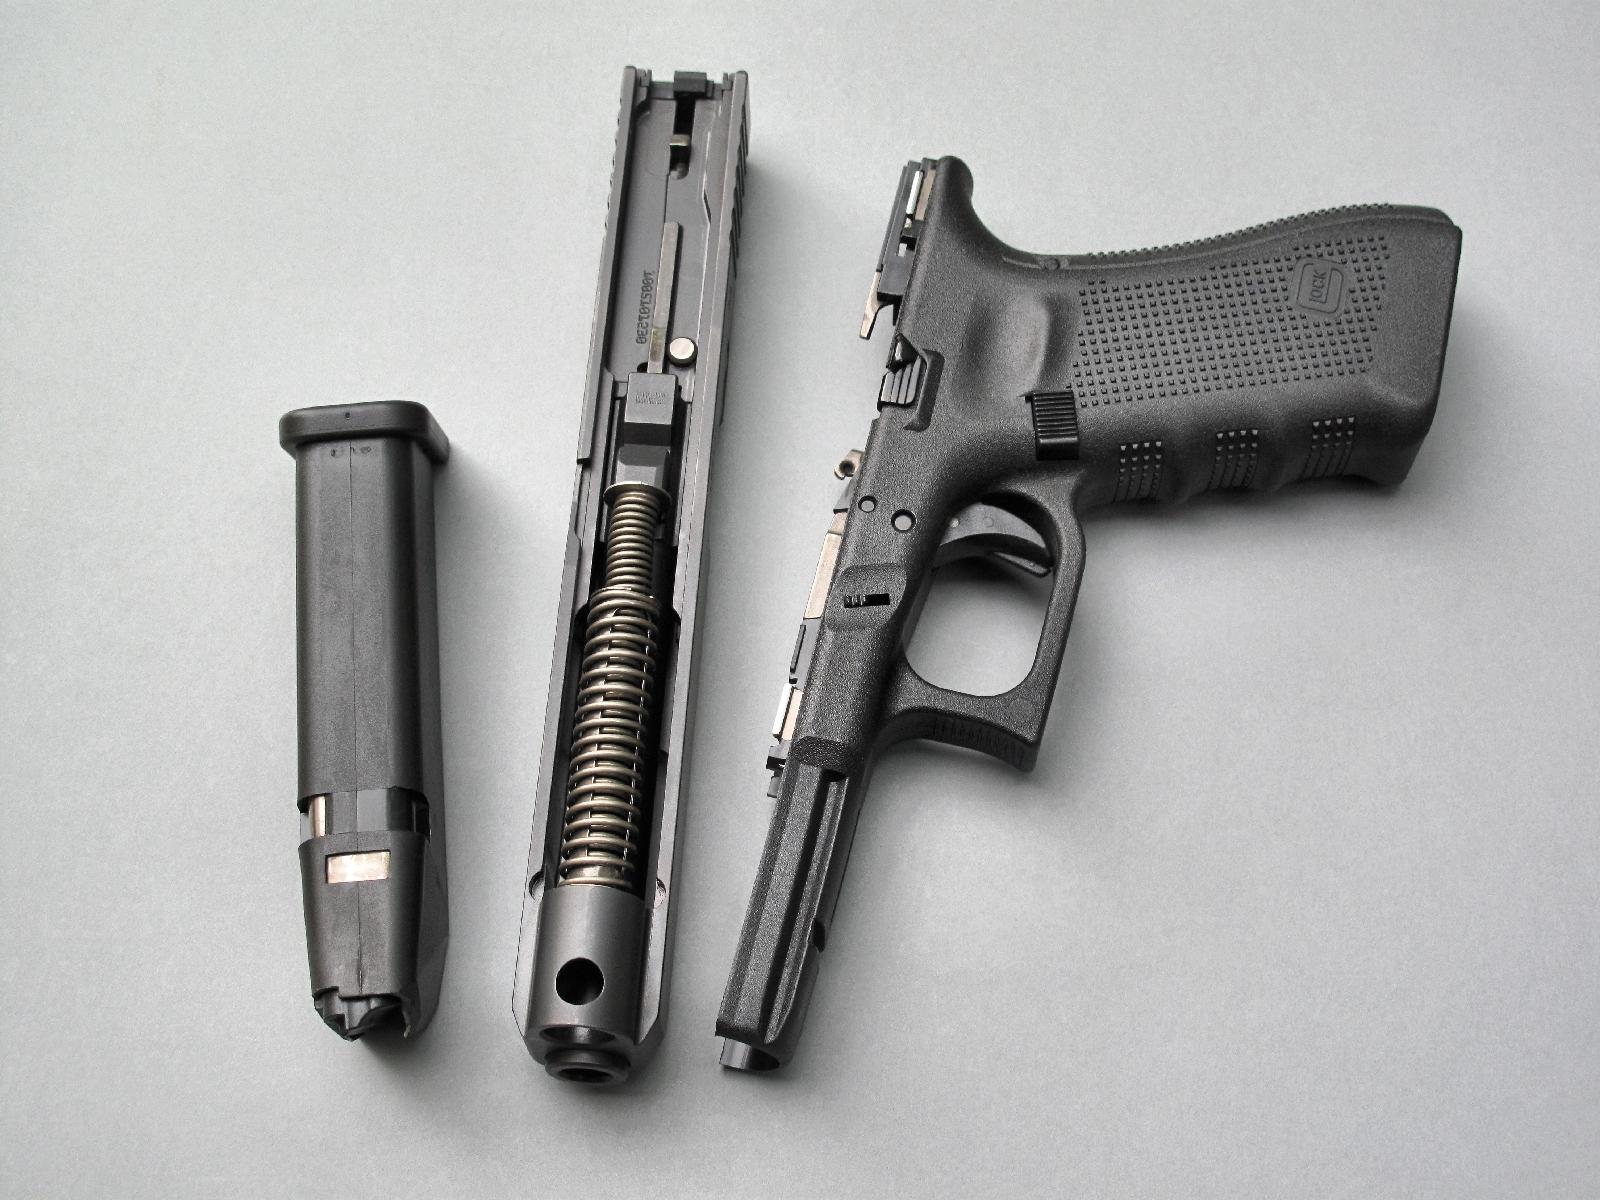 Le démontage sommaire d'un pistolet Glock, qui peut s'effectuer en quelques dixièmes de seconde, permet d'observer les principaux éléments de sécurité mis en œuvre par son système Safe Action.